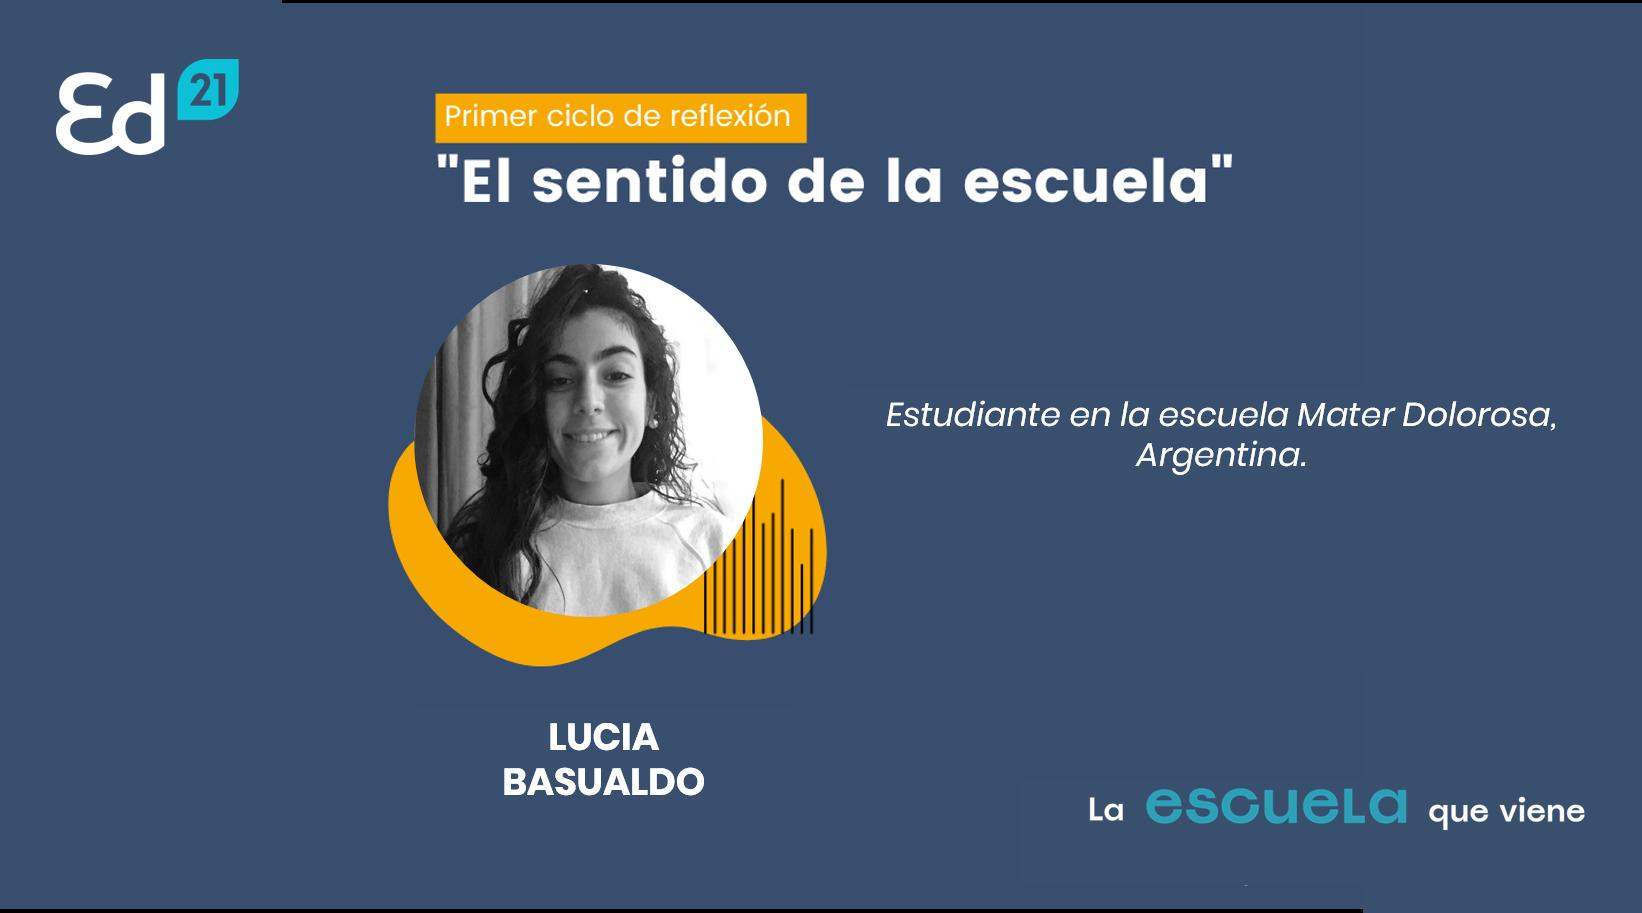 Lucía Basualdo